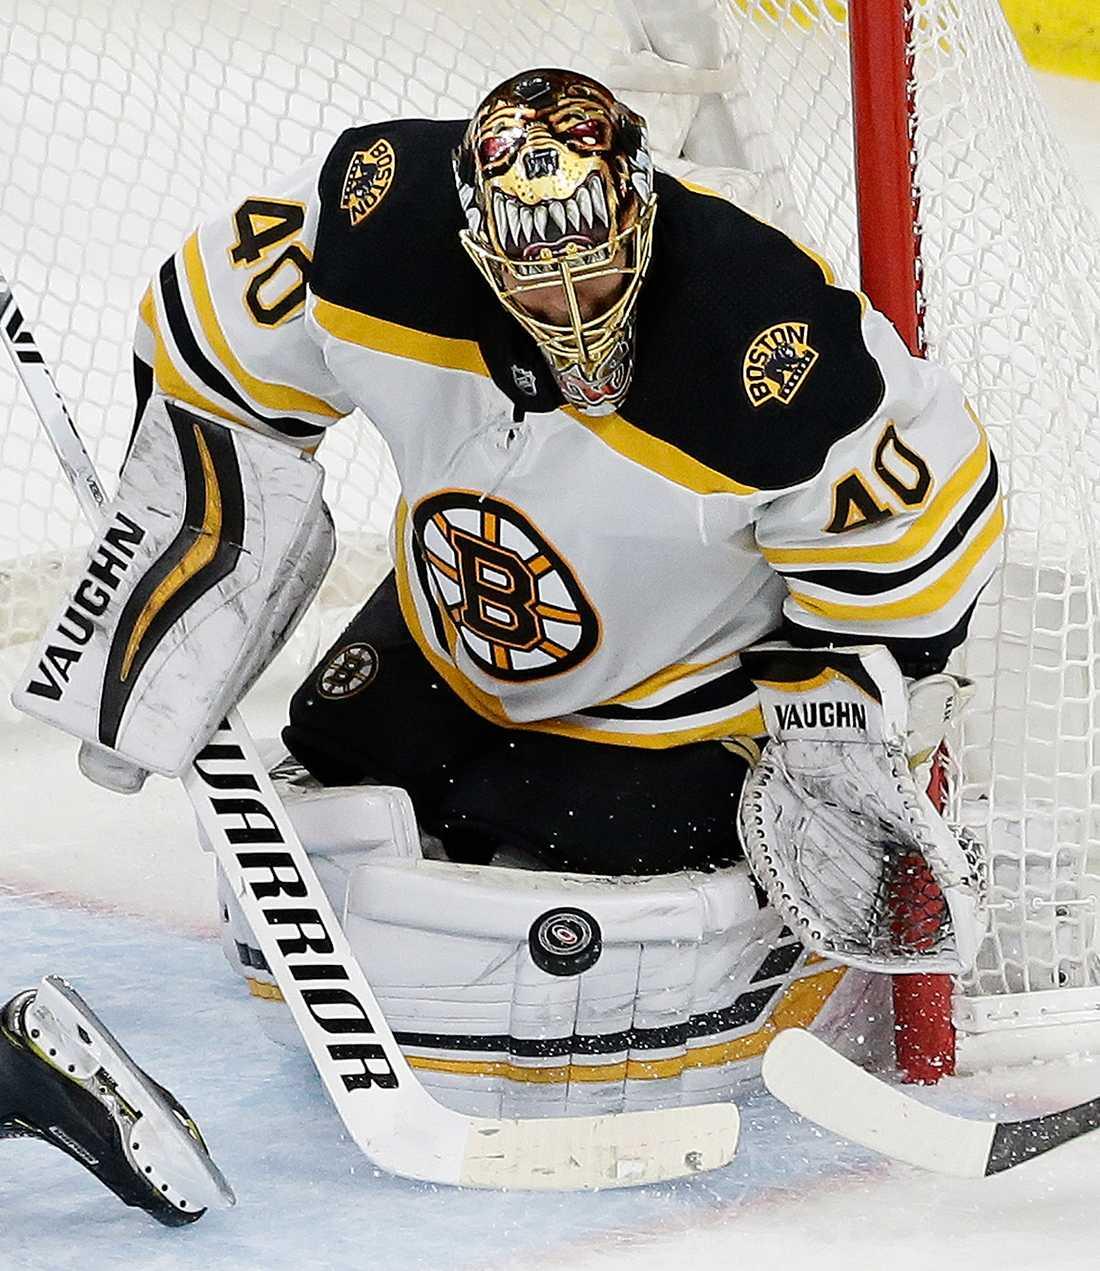 Tuukka Rask storspelade i Bostons mål